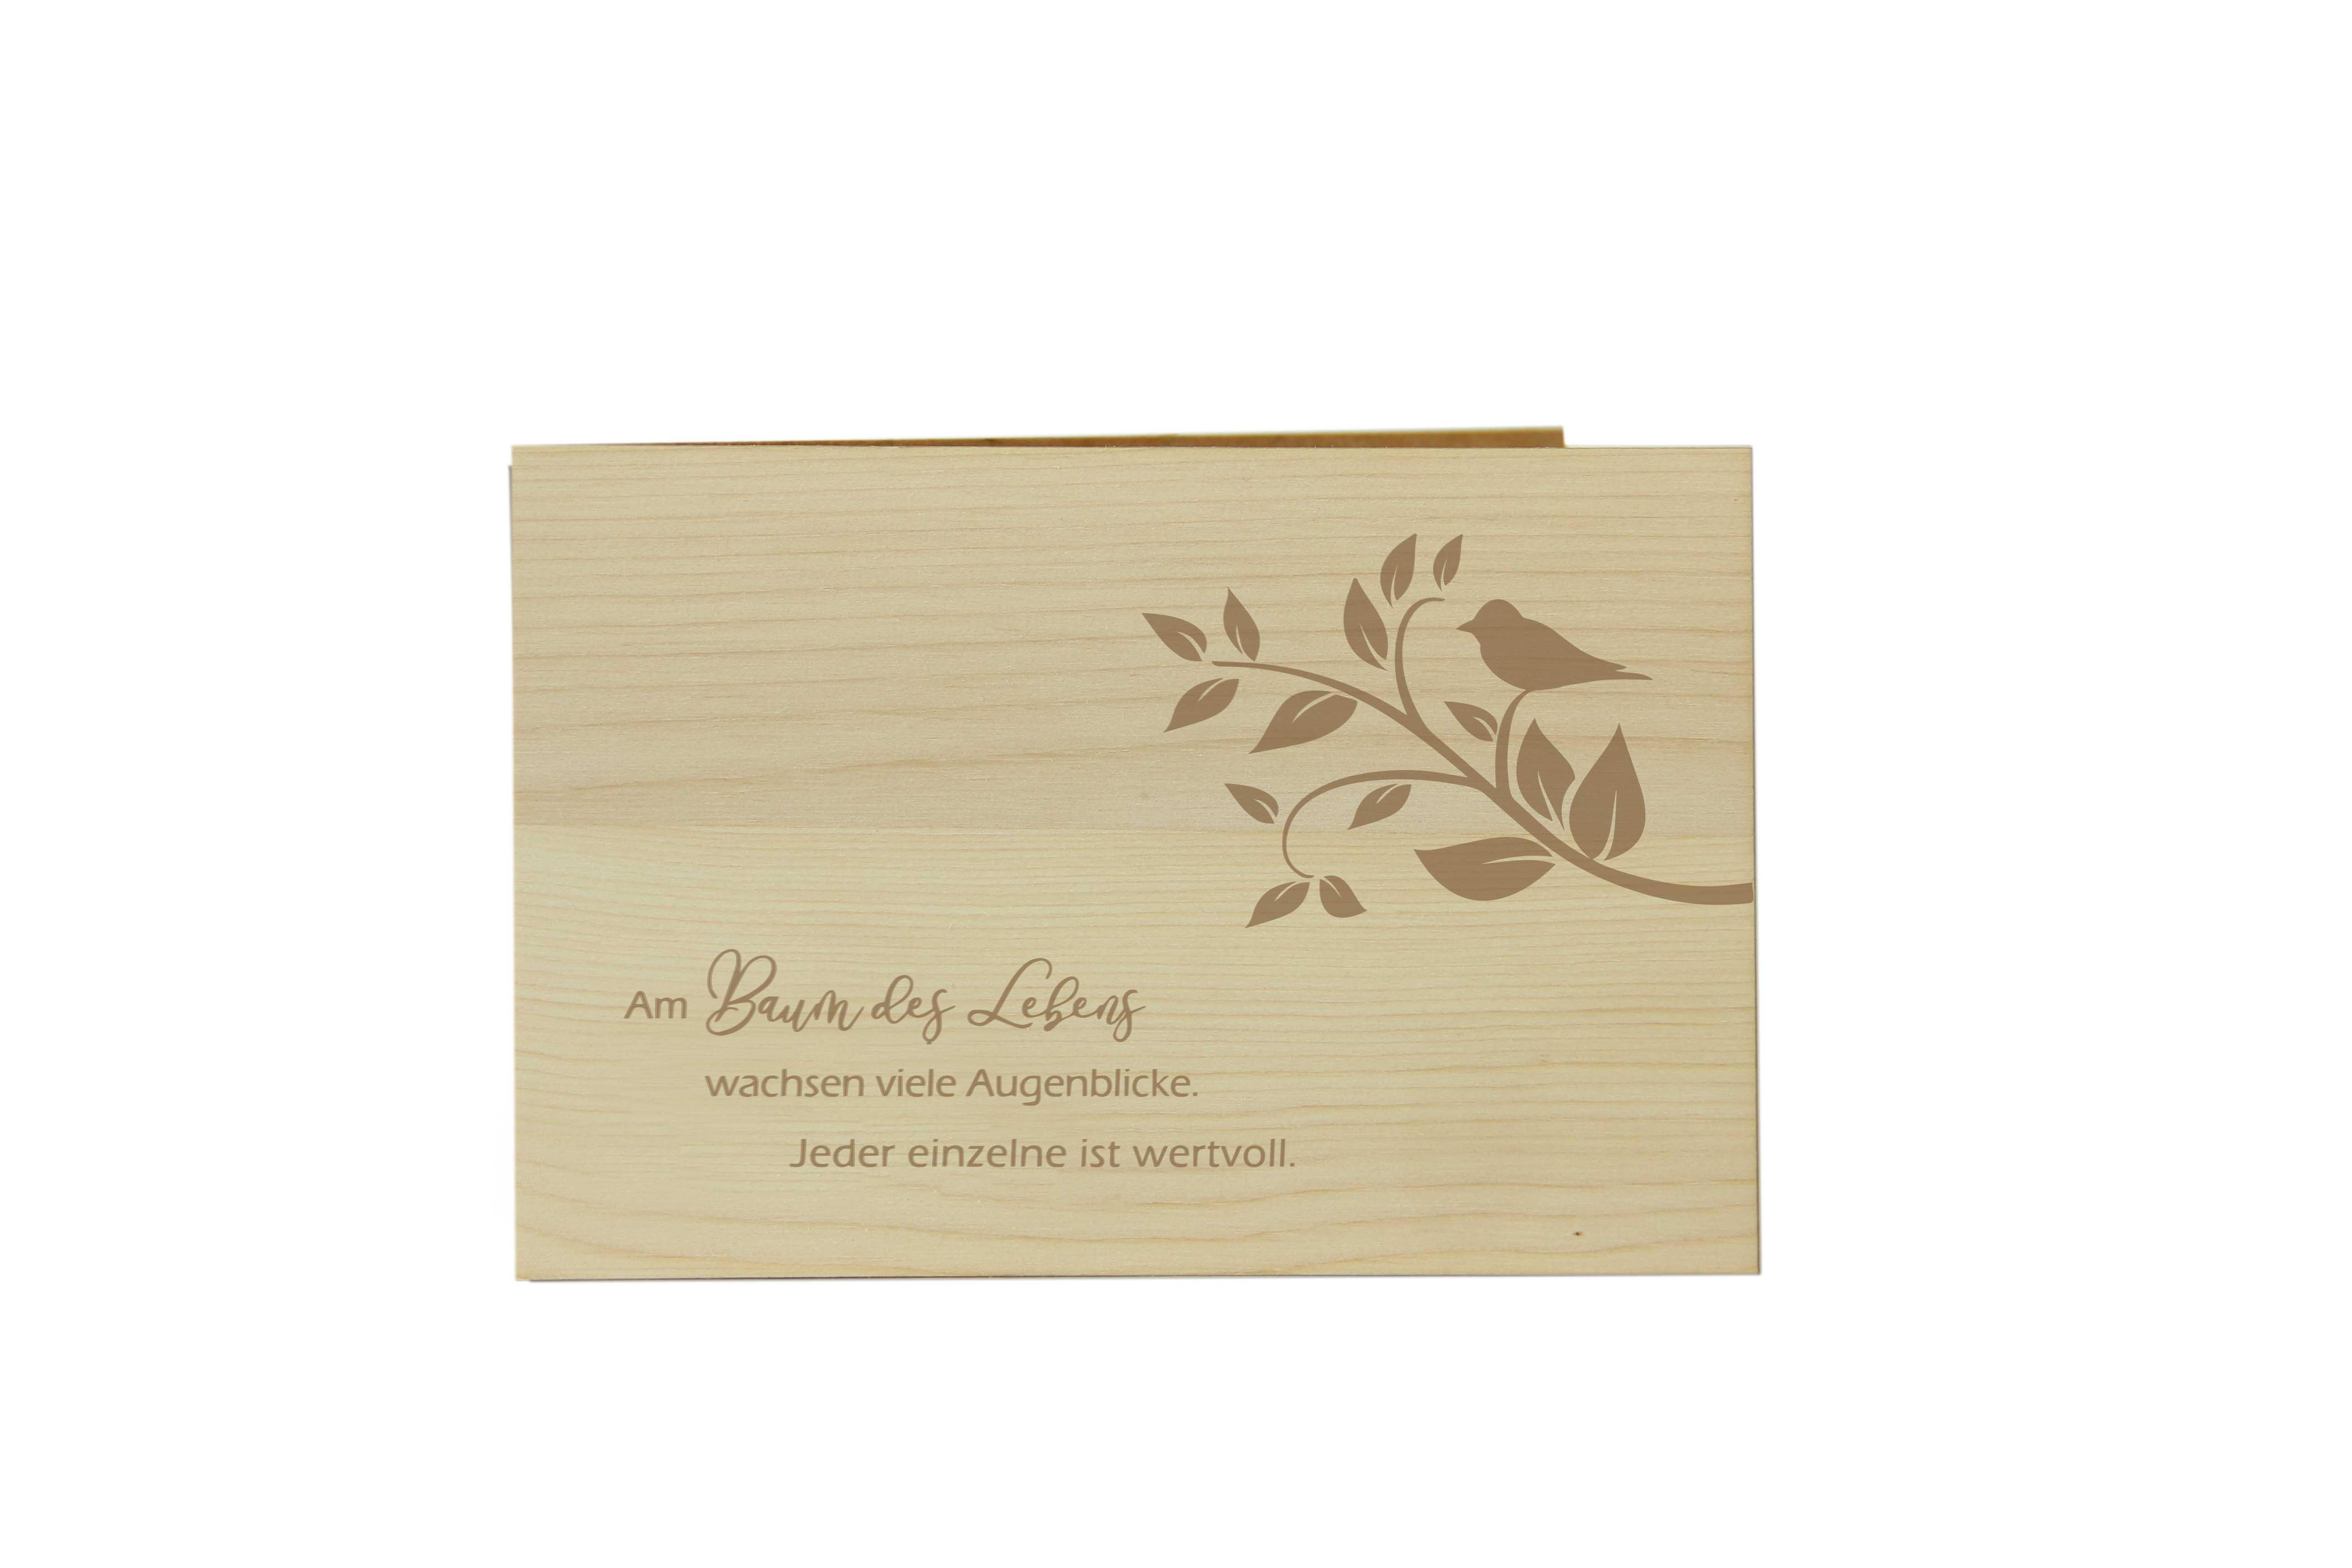 Original Holzgrußkarte - BAUM DES LEBENS, Motiv Ast - 100% handmade in Österreich, aus Zirbenholz gefertigte Geschenkkarte, Grußkarte, Klappkarte, Postkarte